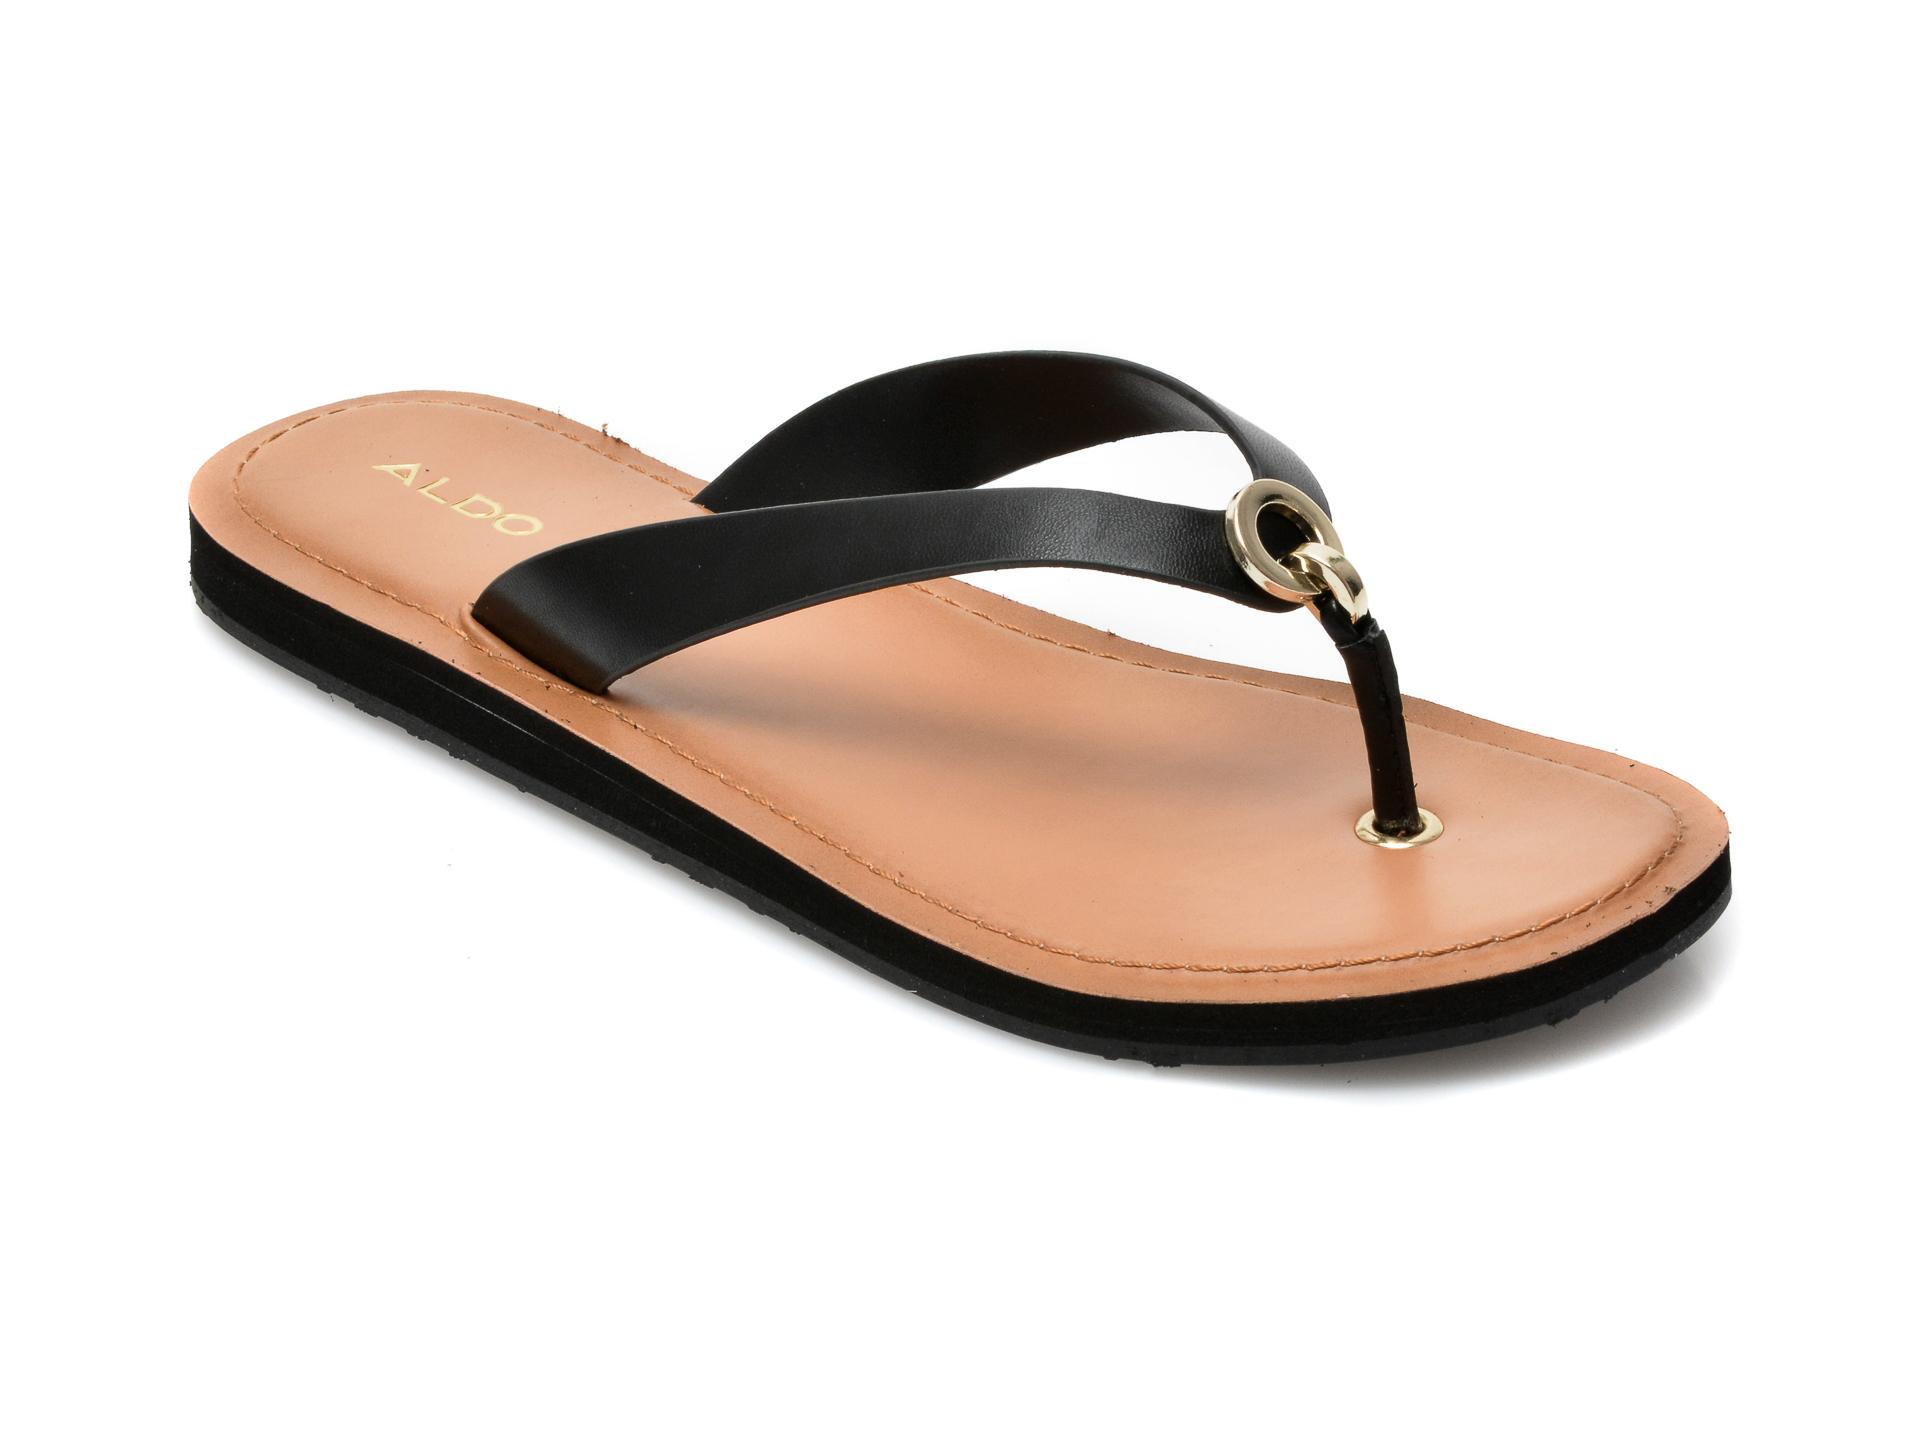 Papuci ALDO negri, Galalelian001, din piele ecologica imagine otter.ro 2021